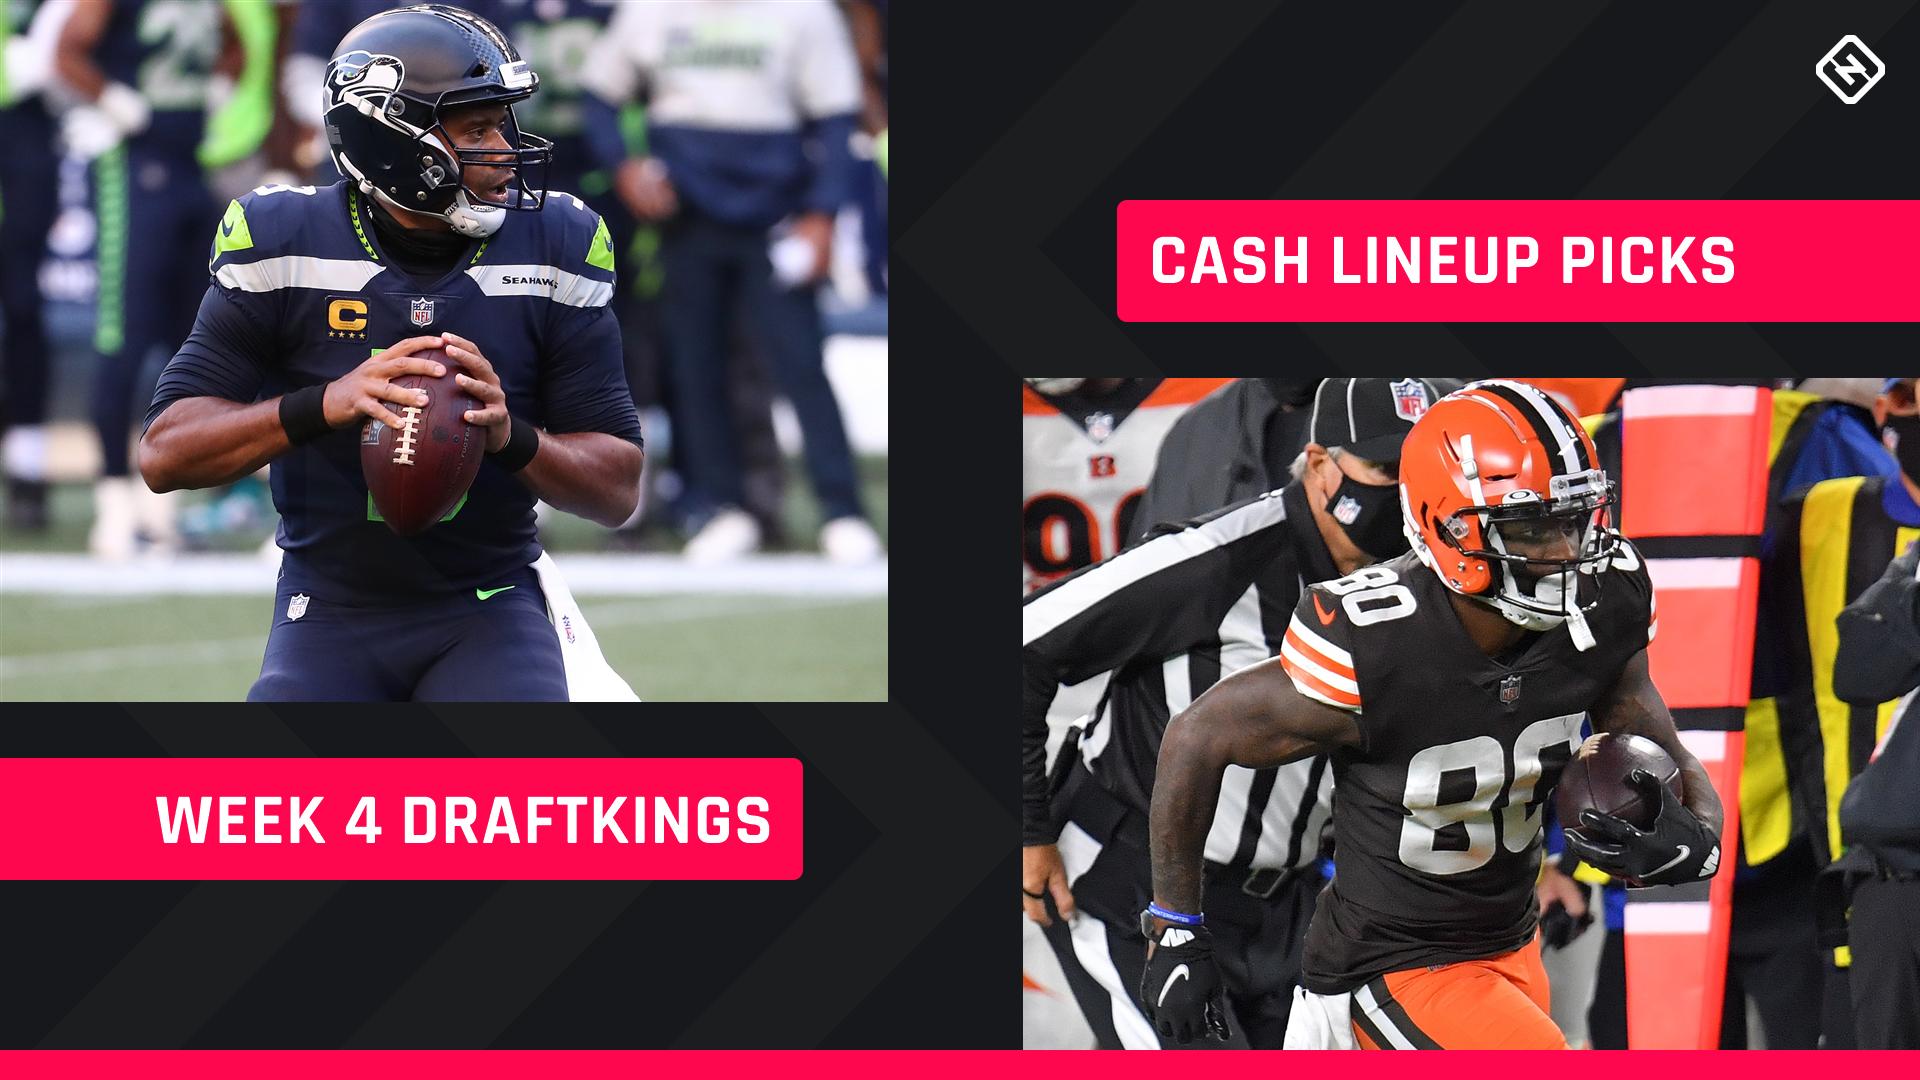 Semana 4 DraftKings Picks: Conselho de escalação NFL DFS para cash games diários de fantasia